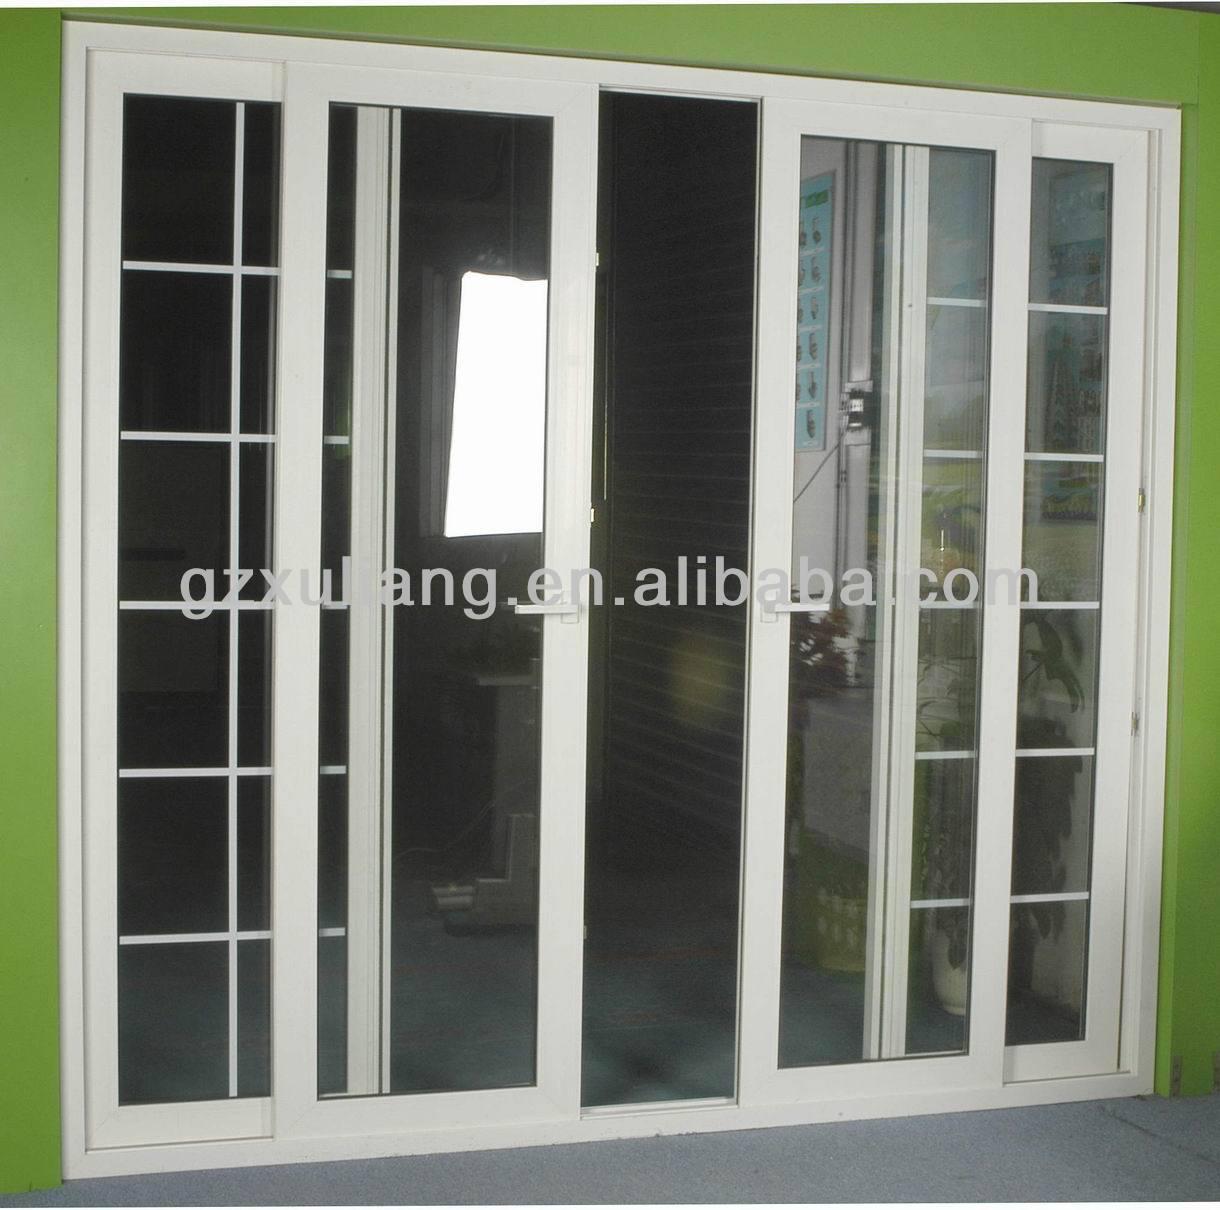 Perfect sliding screen door lowes lowes sliding screen door,.